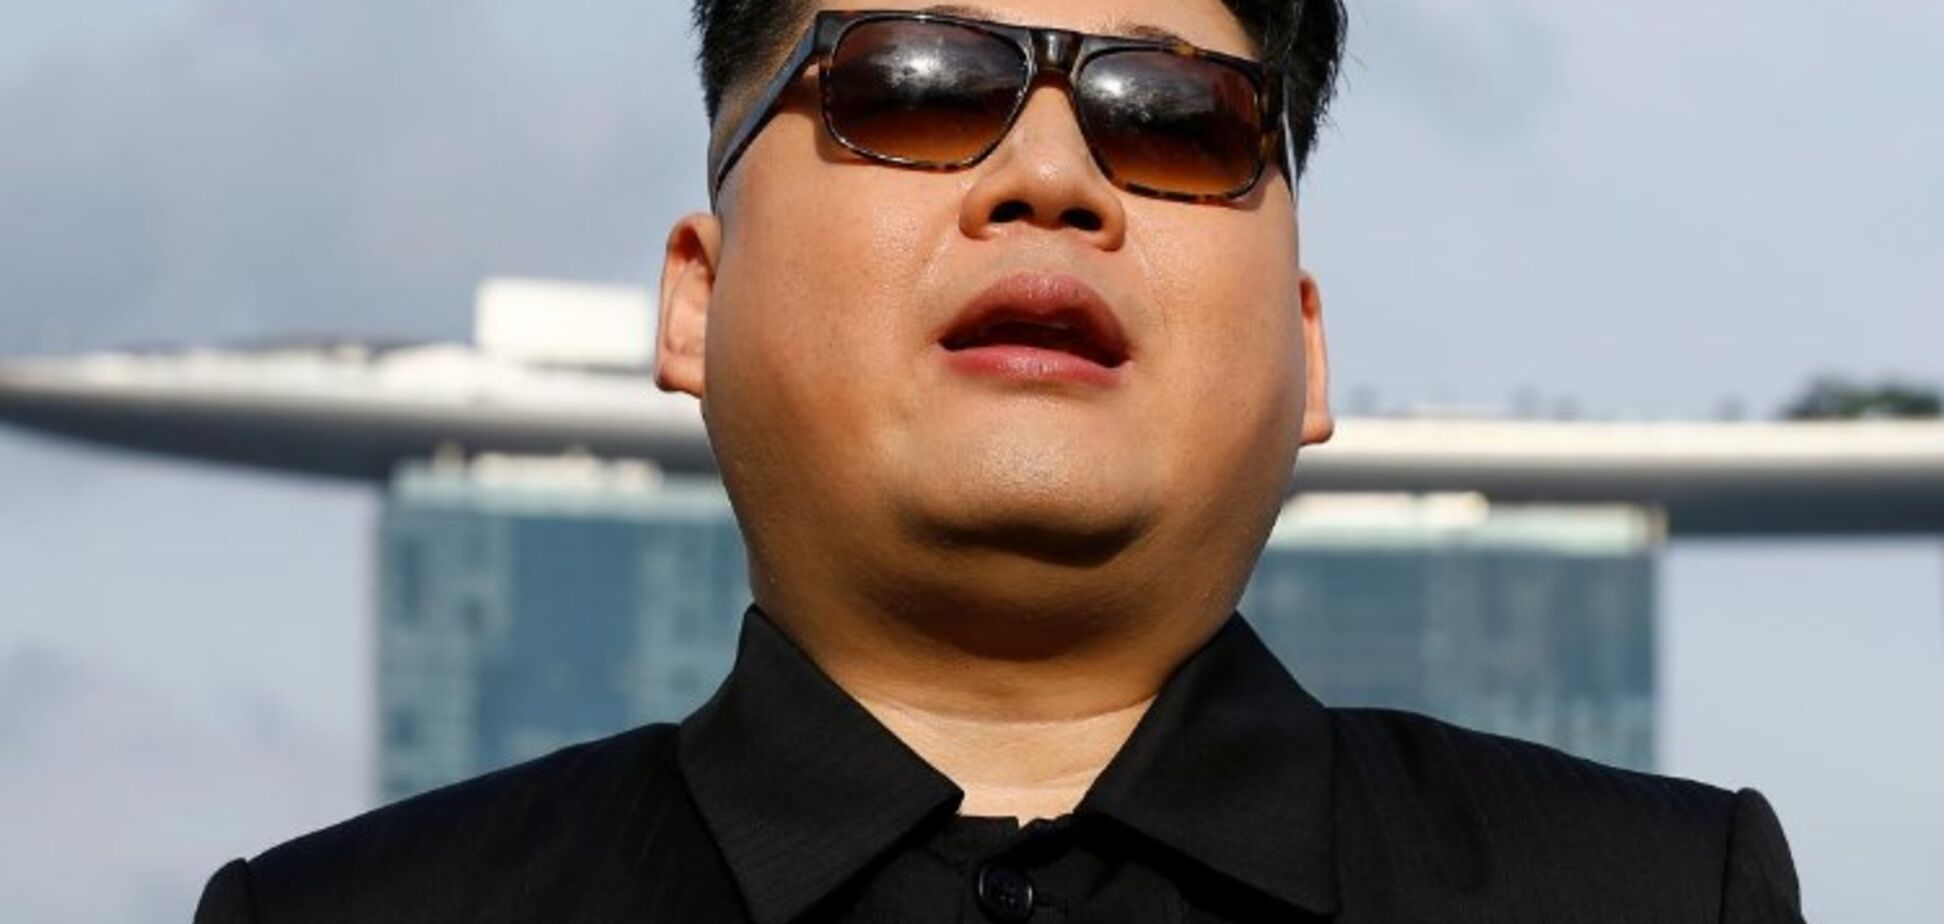 Прибыл не вовремя: в Сингапуре задержали 'Ким Чен Ына'